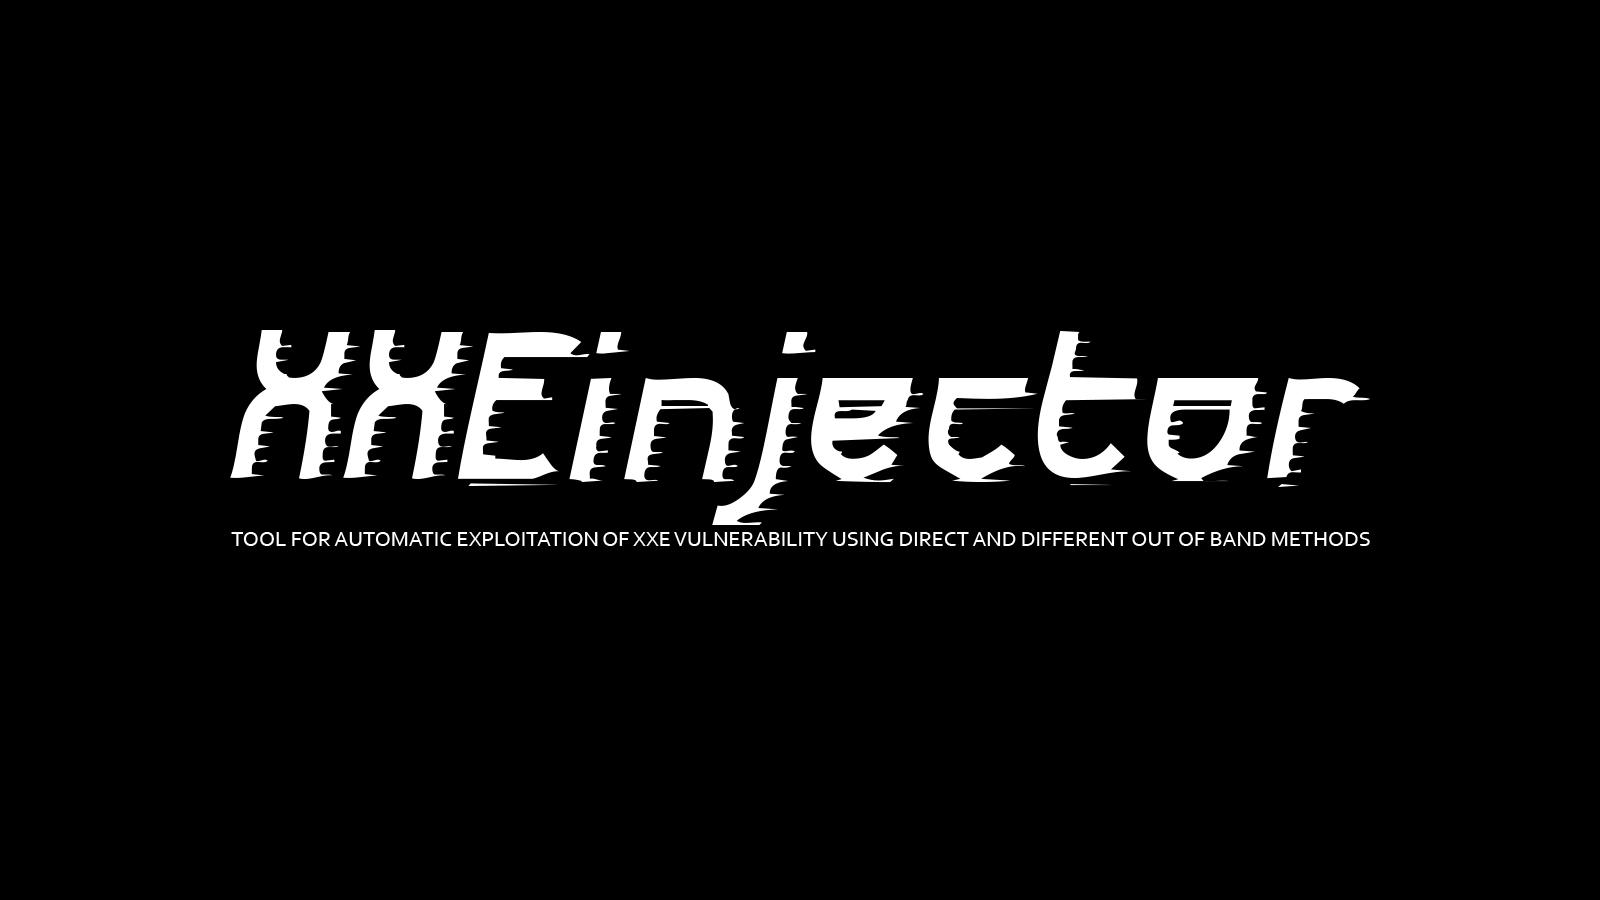 XXEinjector - प्रत्यक्ष और अलग-अलग बैंड विधियों के उपयोग से XXE भेद्यता के स्वचालित शोषण के लिए उपकरण